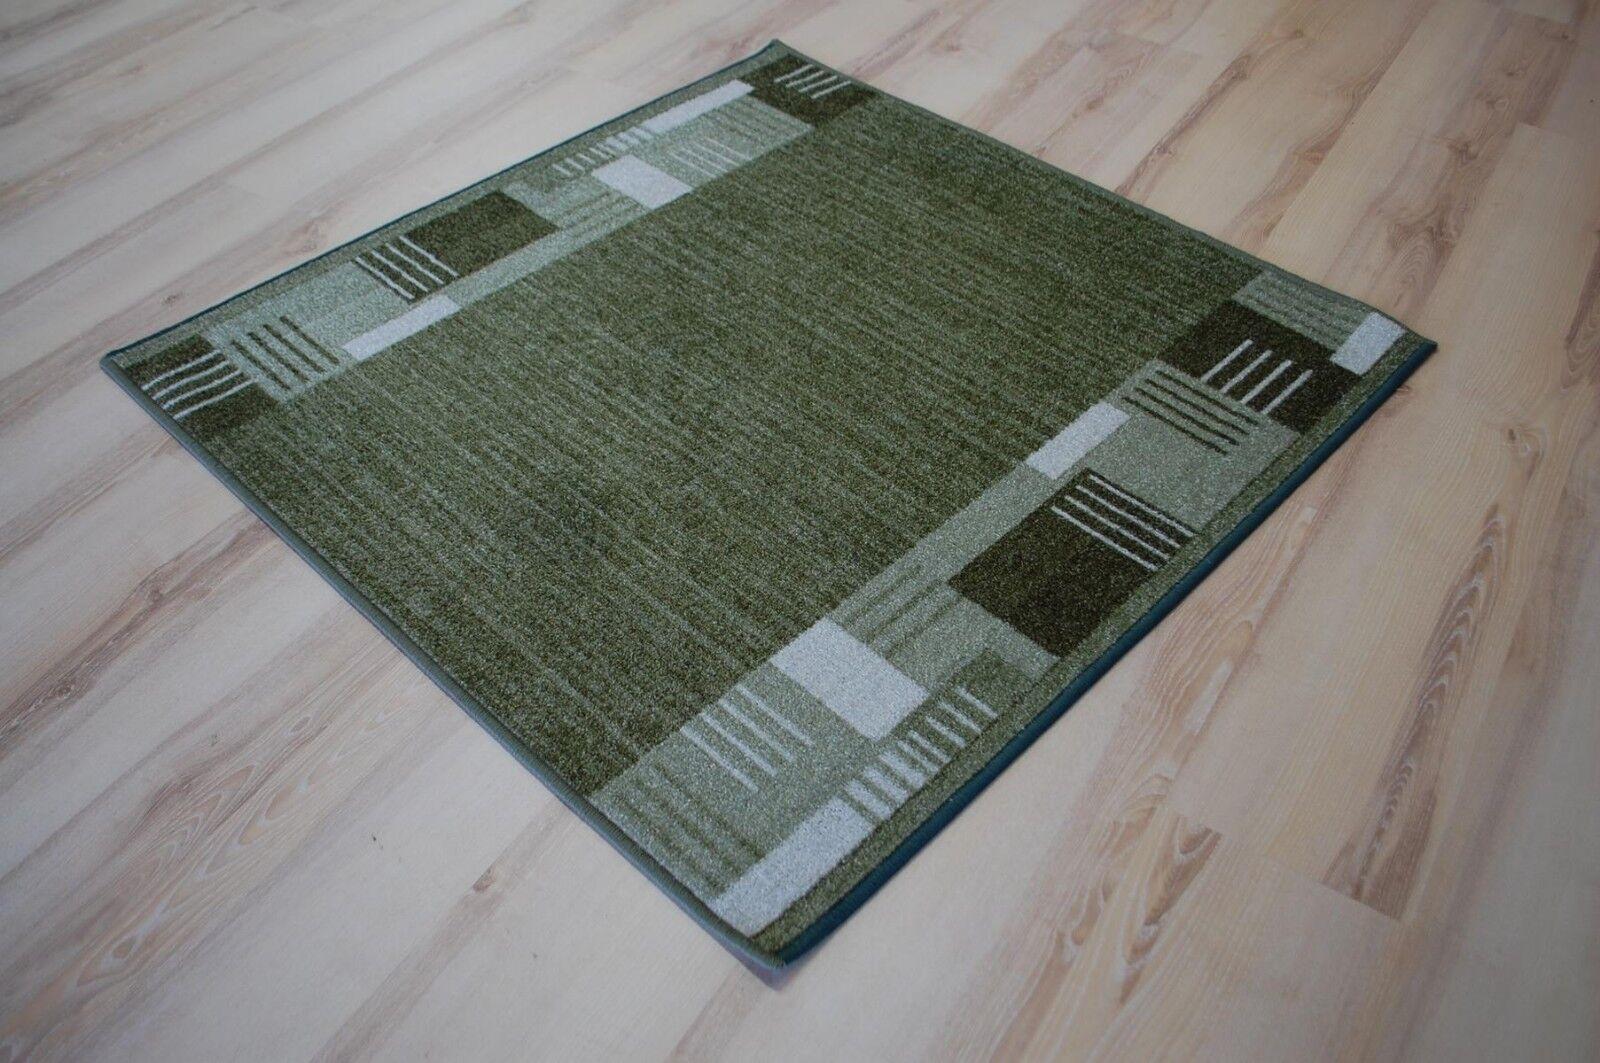 Tappeto lungo Aww Montana verde 100 cm Larghezza (Lunghezza 400-695cm su Misura)